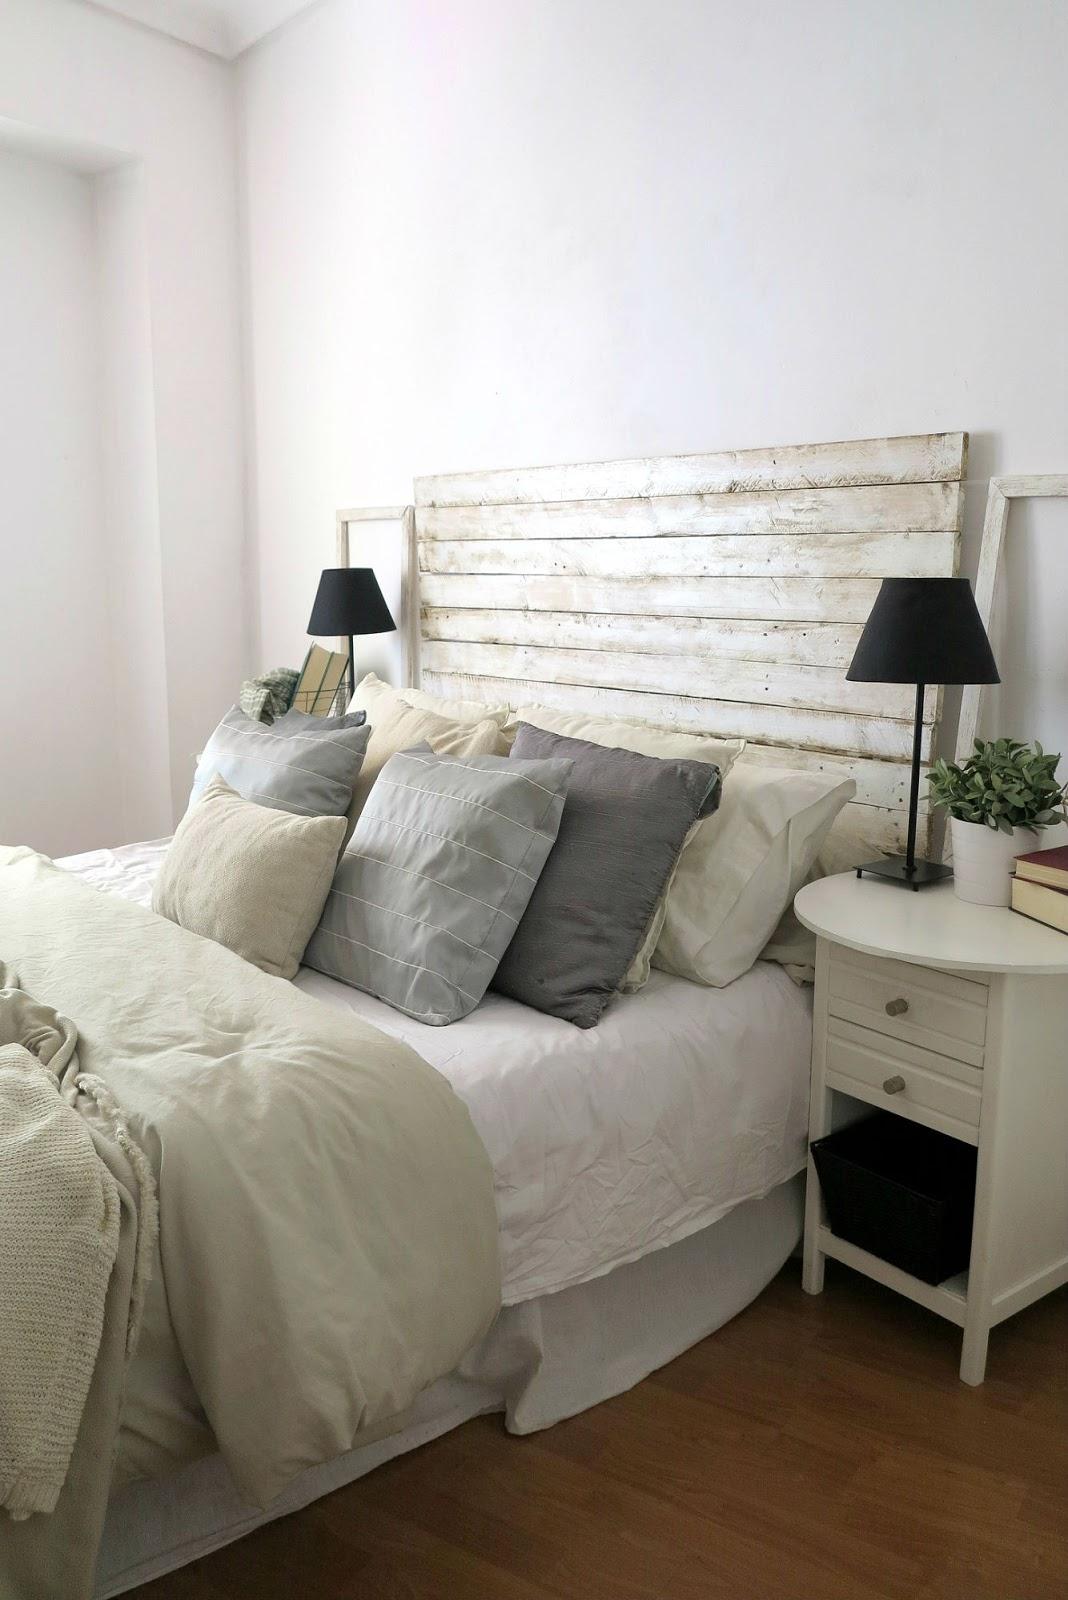 Rocco en mi sofa dormitorio sencillo y neutro - Sofa dormitorio ...